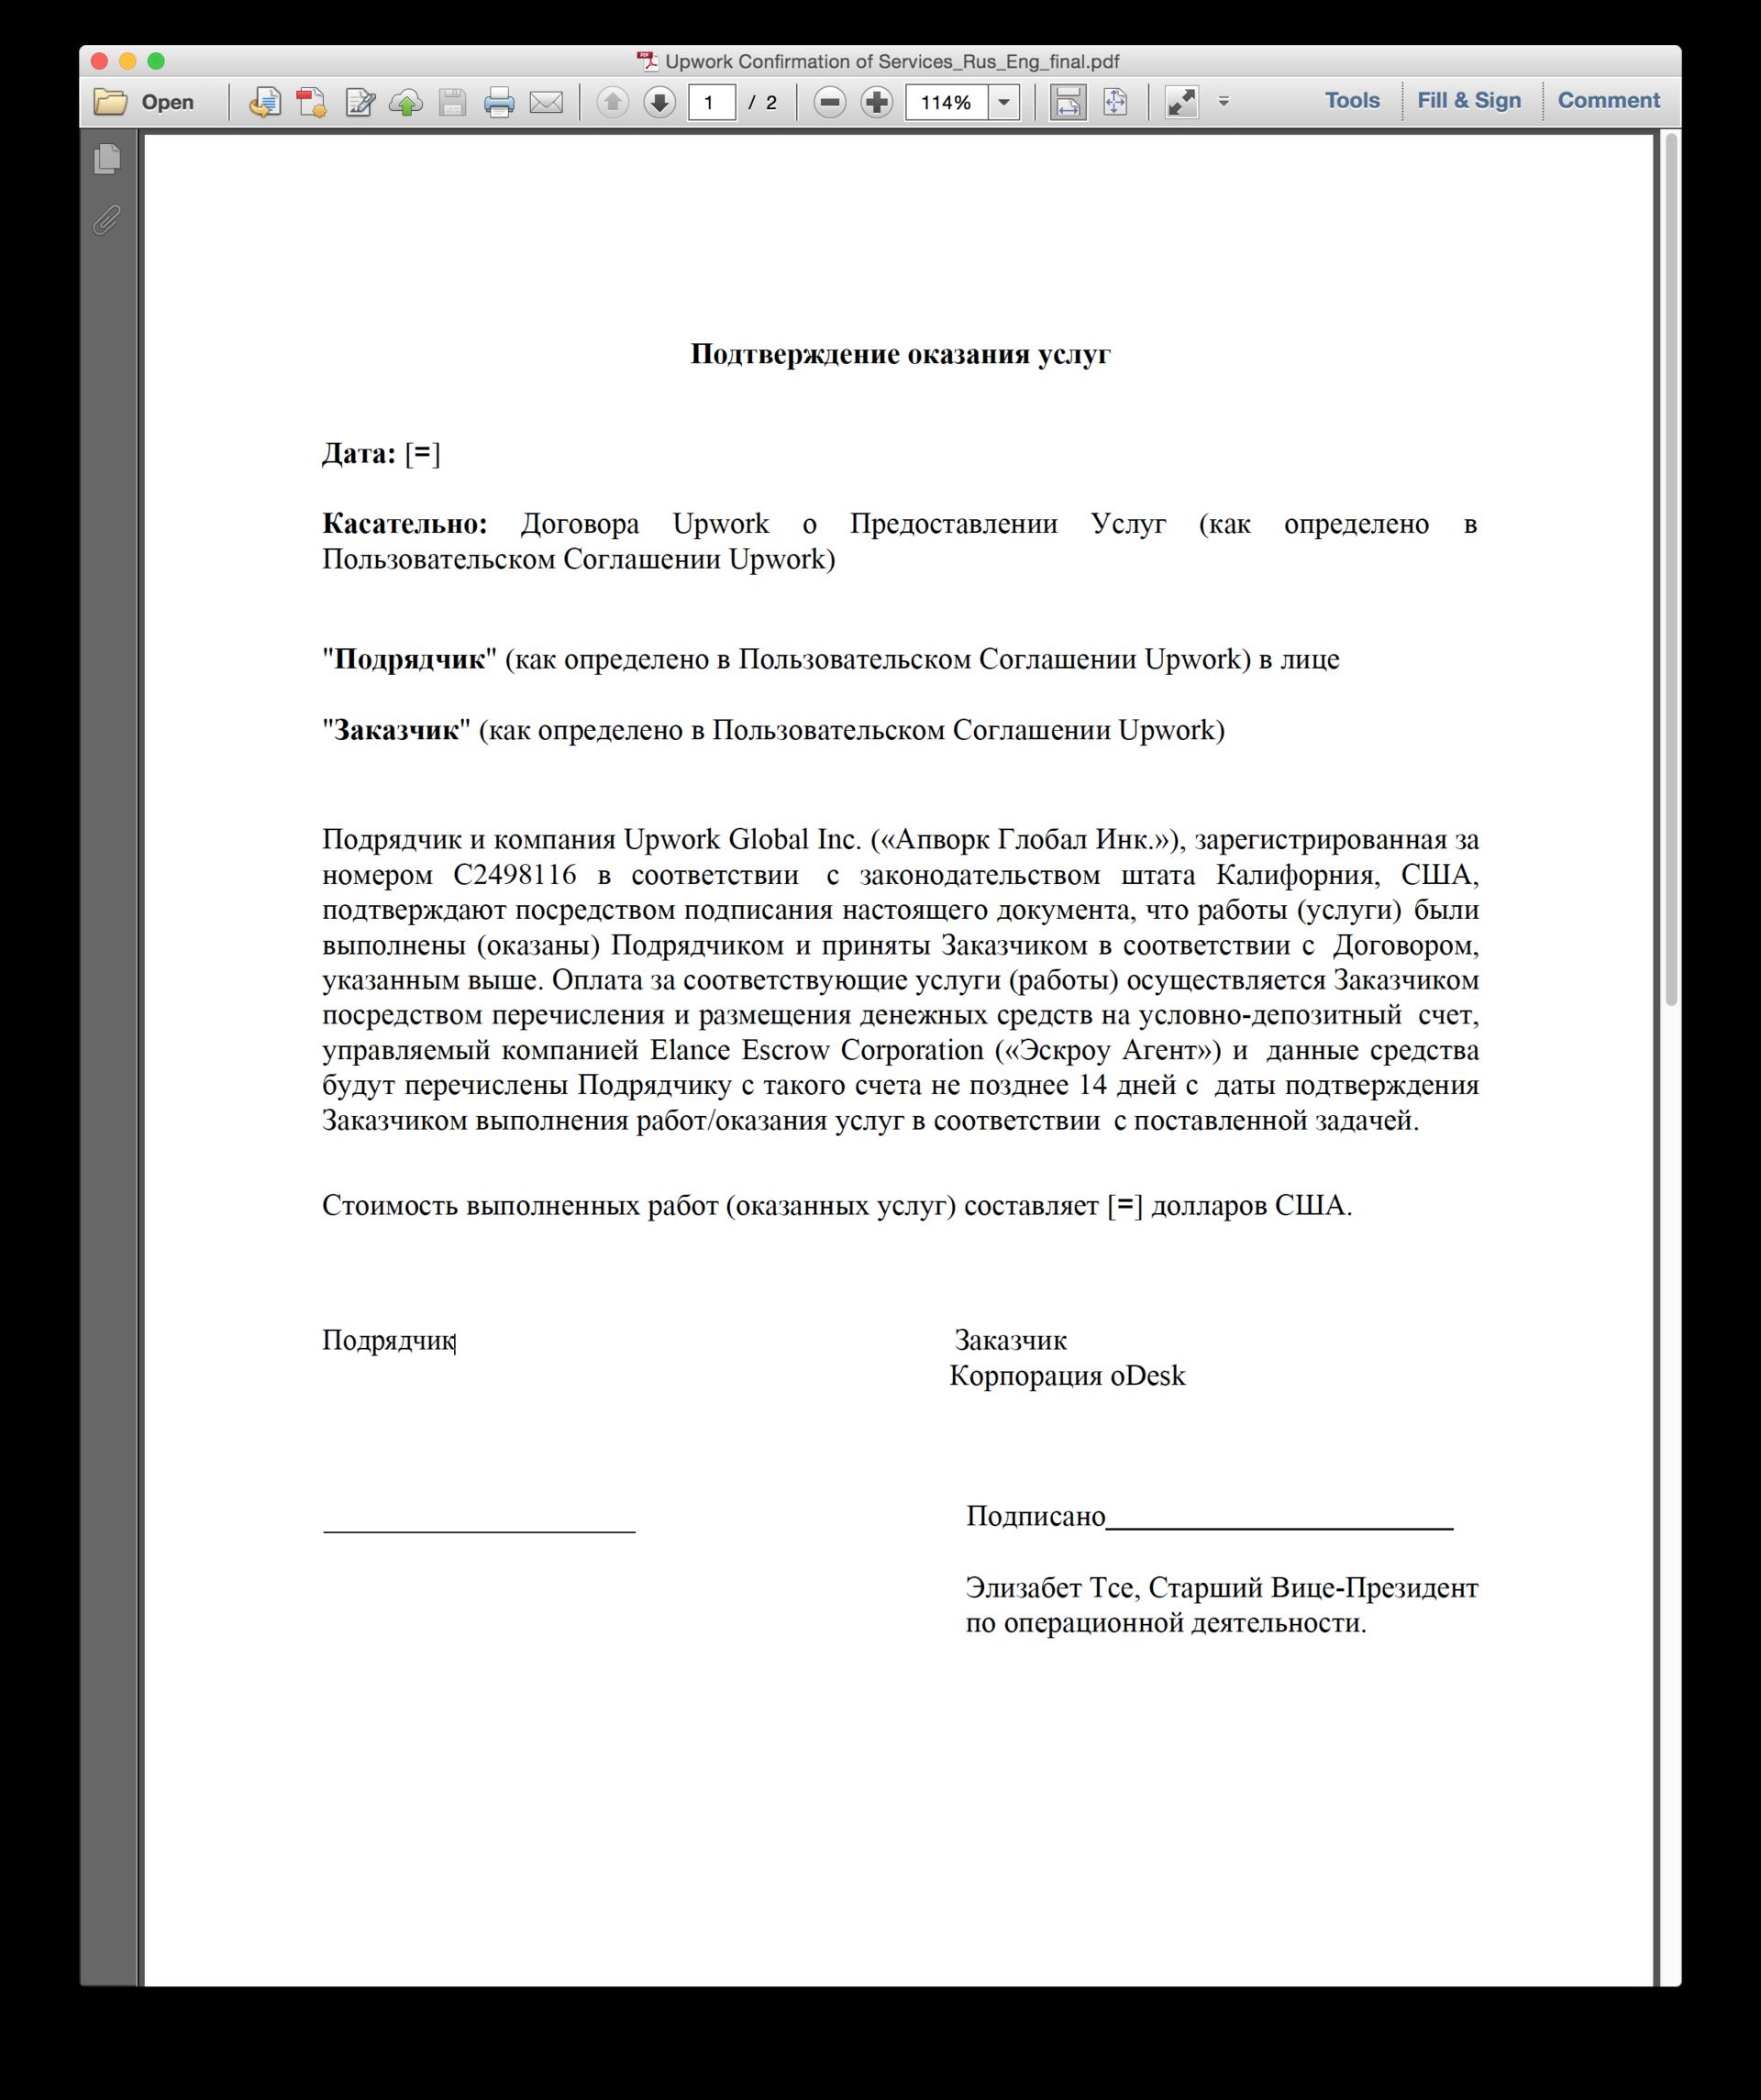 трудовой договор гпх бланк 2013